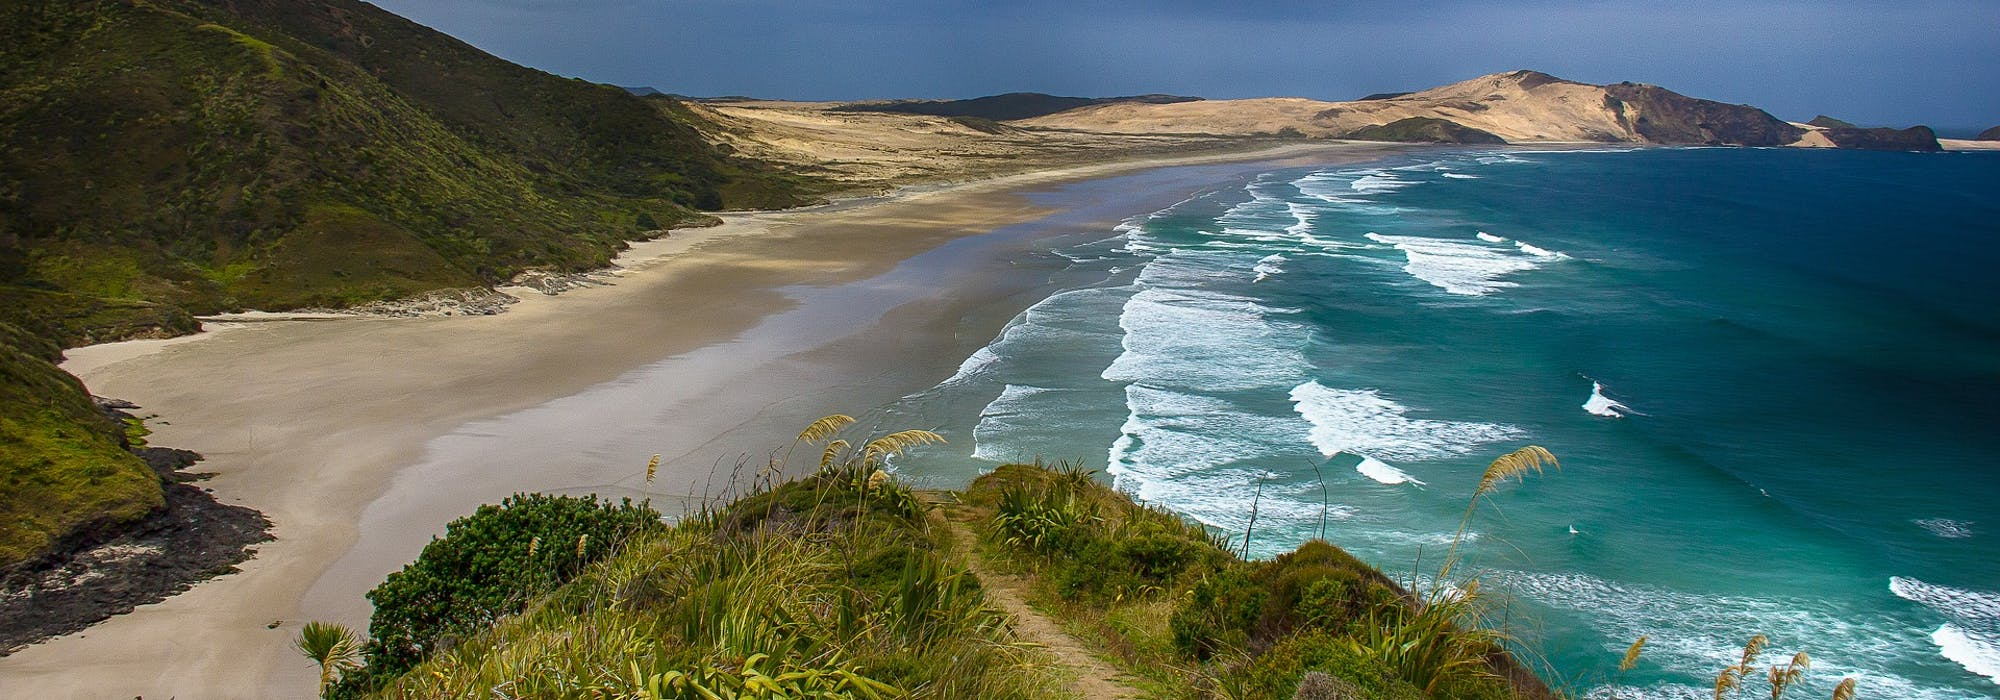 Otroligt vacker natur med vågorna som sköljer upp på stranden som omges av berg.